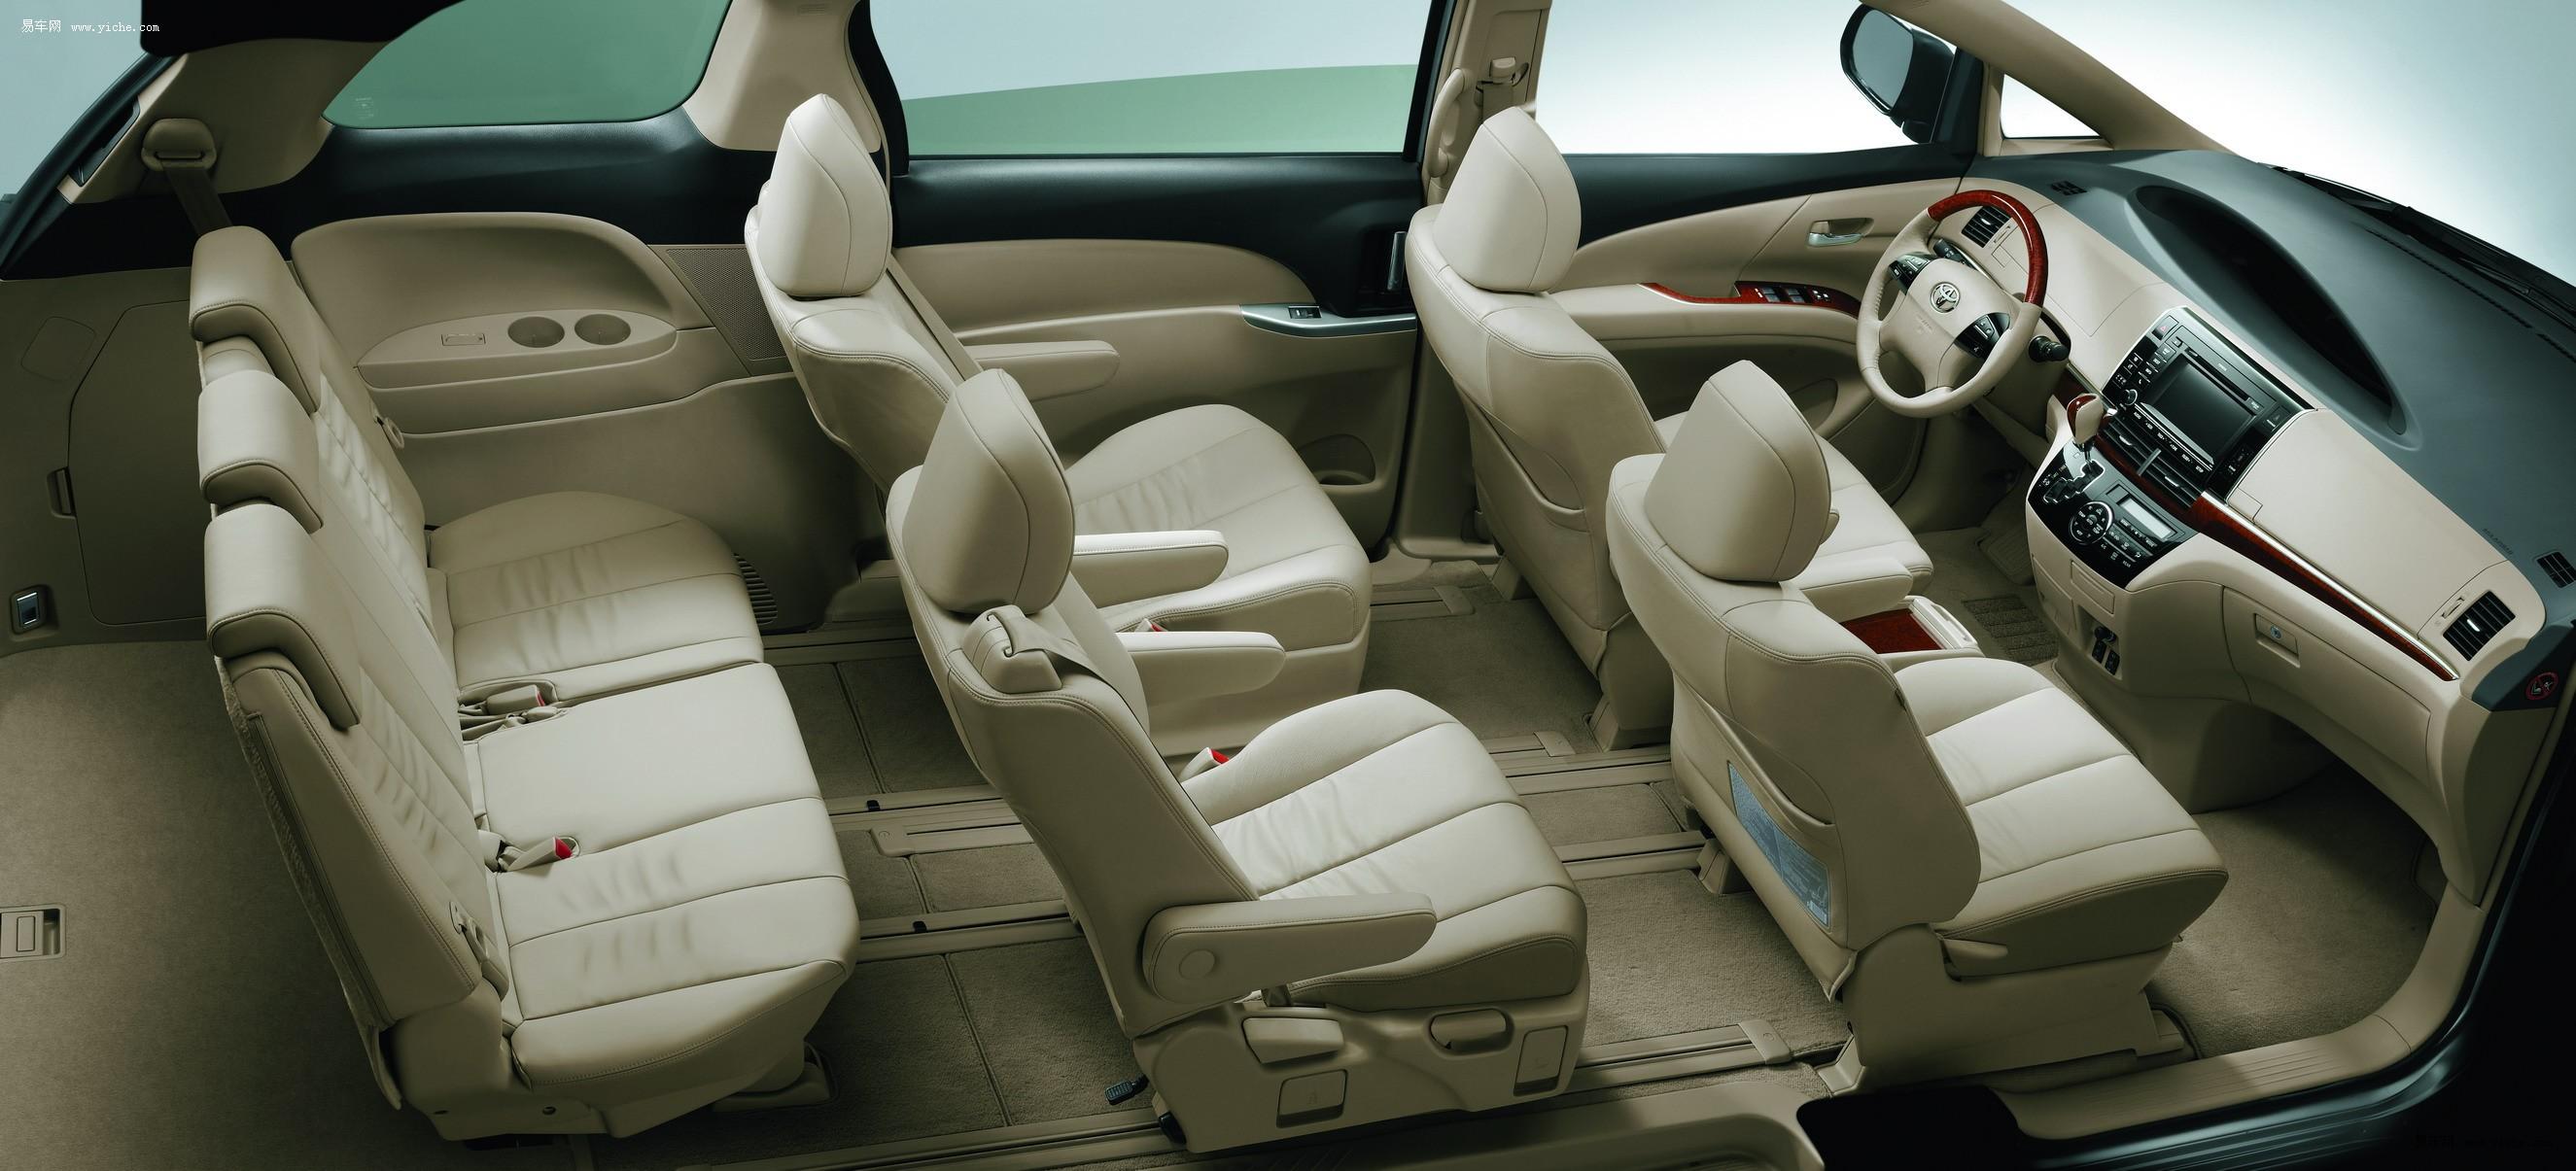 新款丰田普瑞维亚上市 售46.98万至61万元高清图片